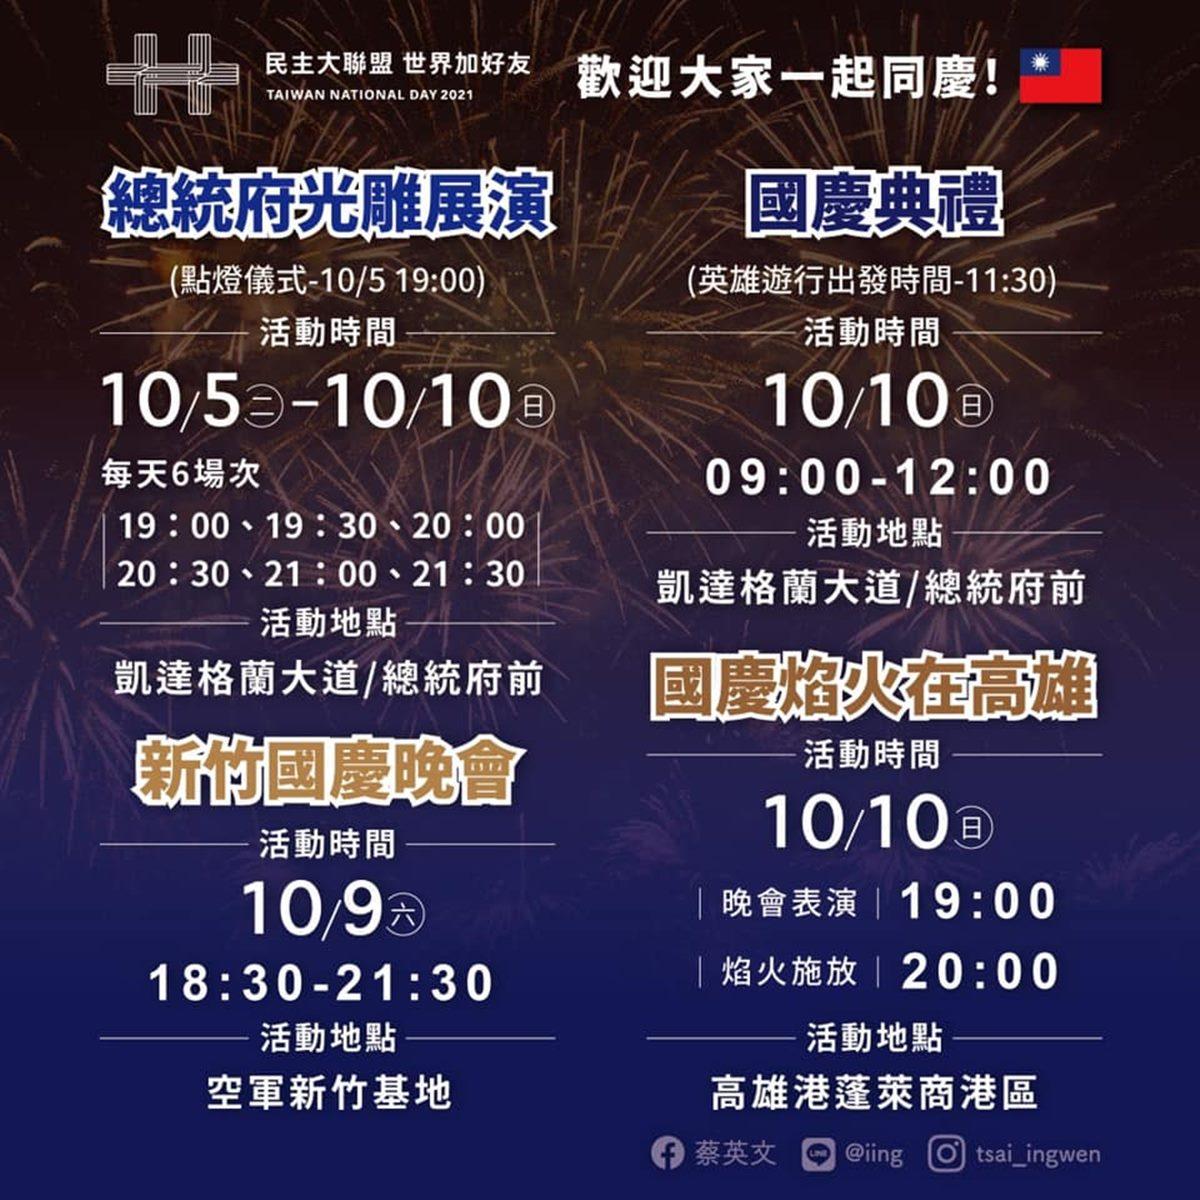 超萌總統府光雕秀!台灣黑熊、Q版行業人物可看,每天6場次打卡必拍